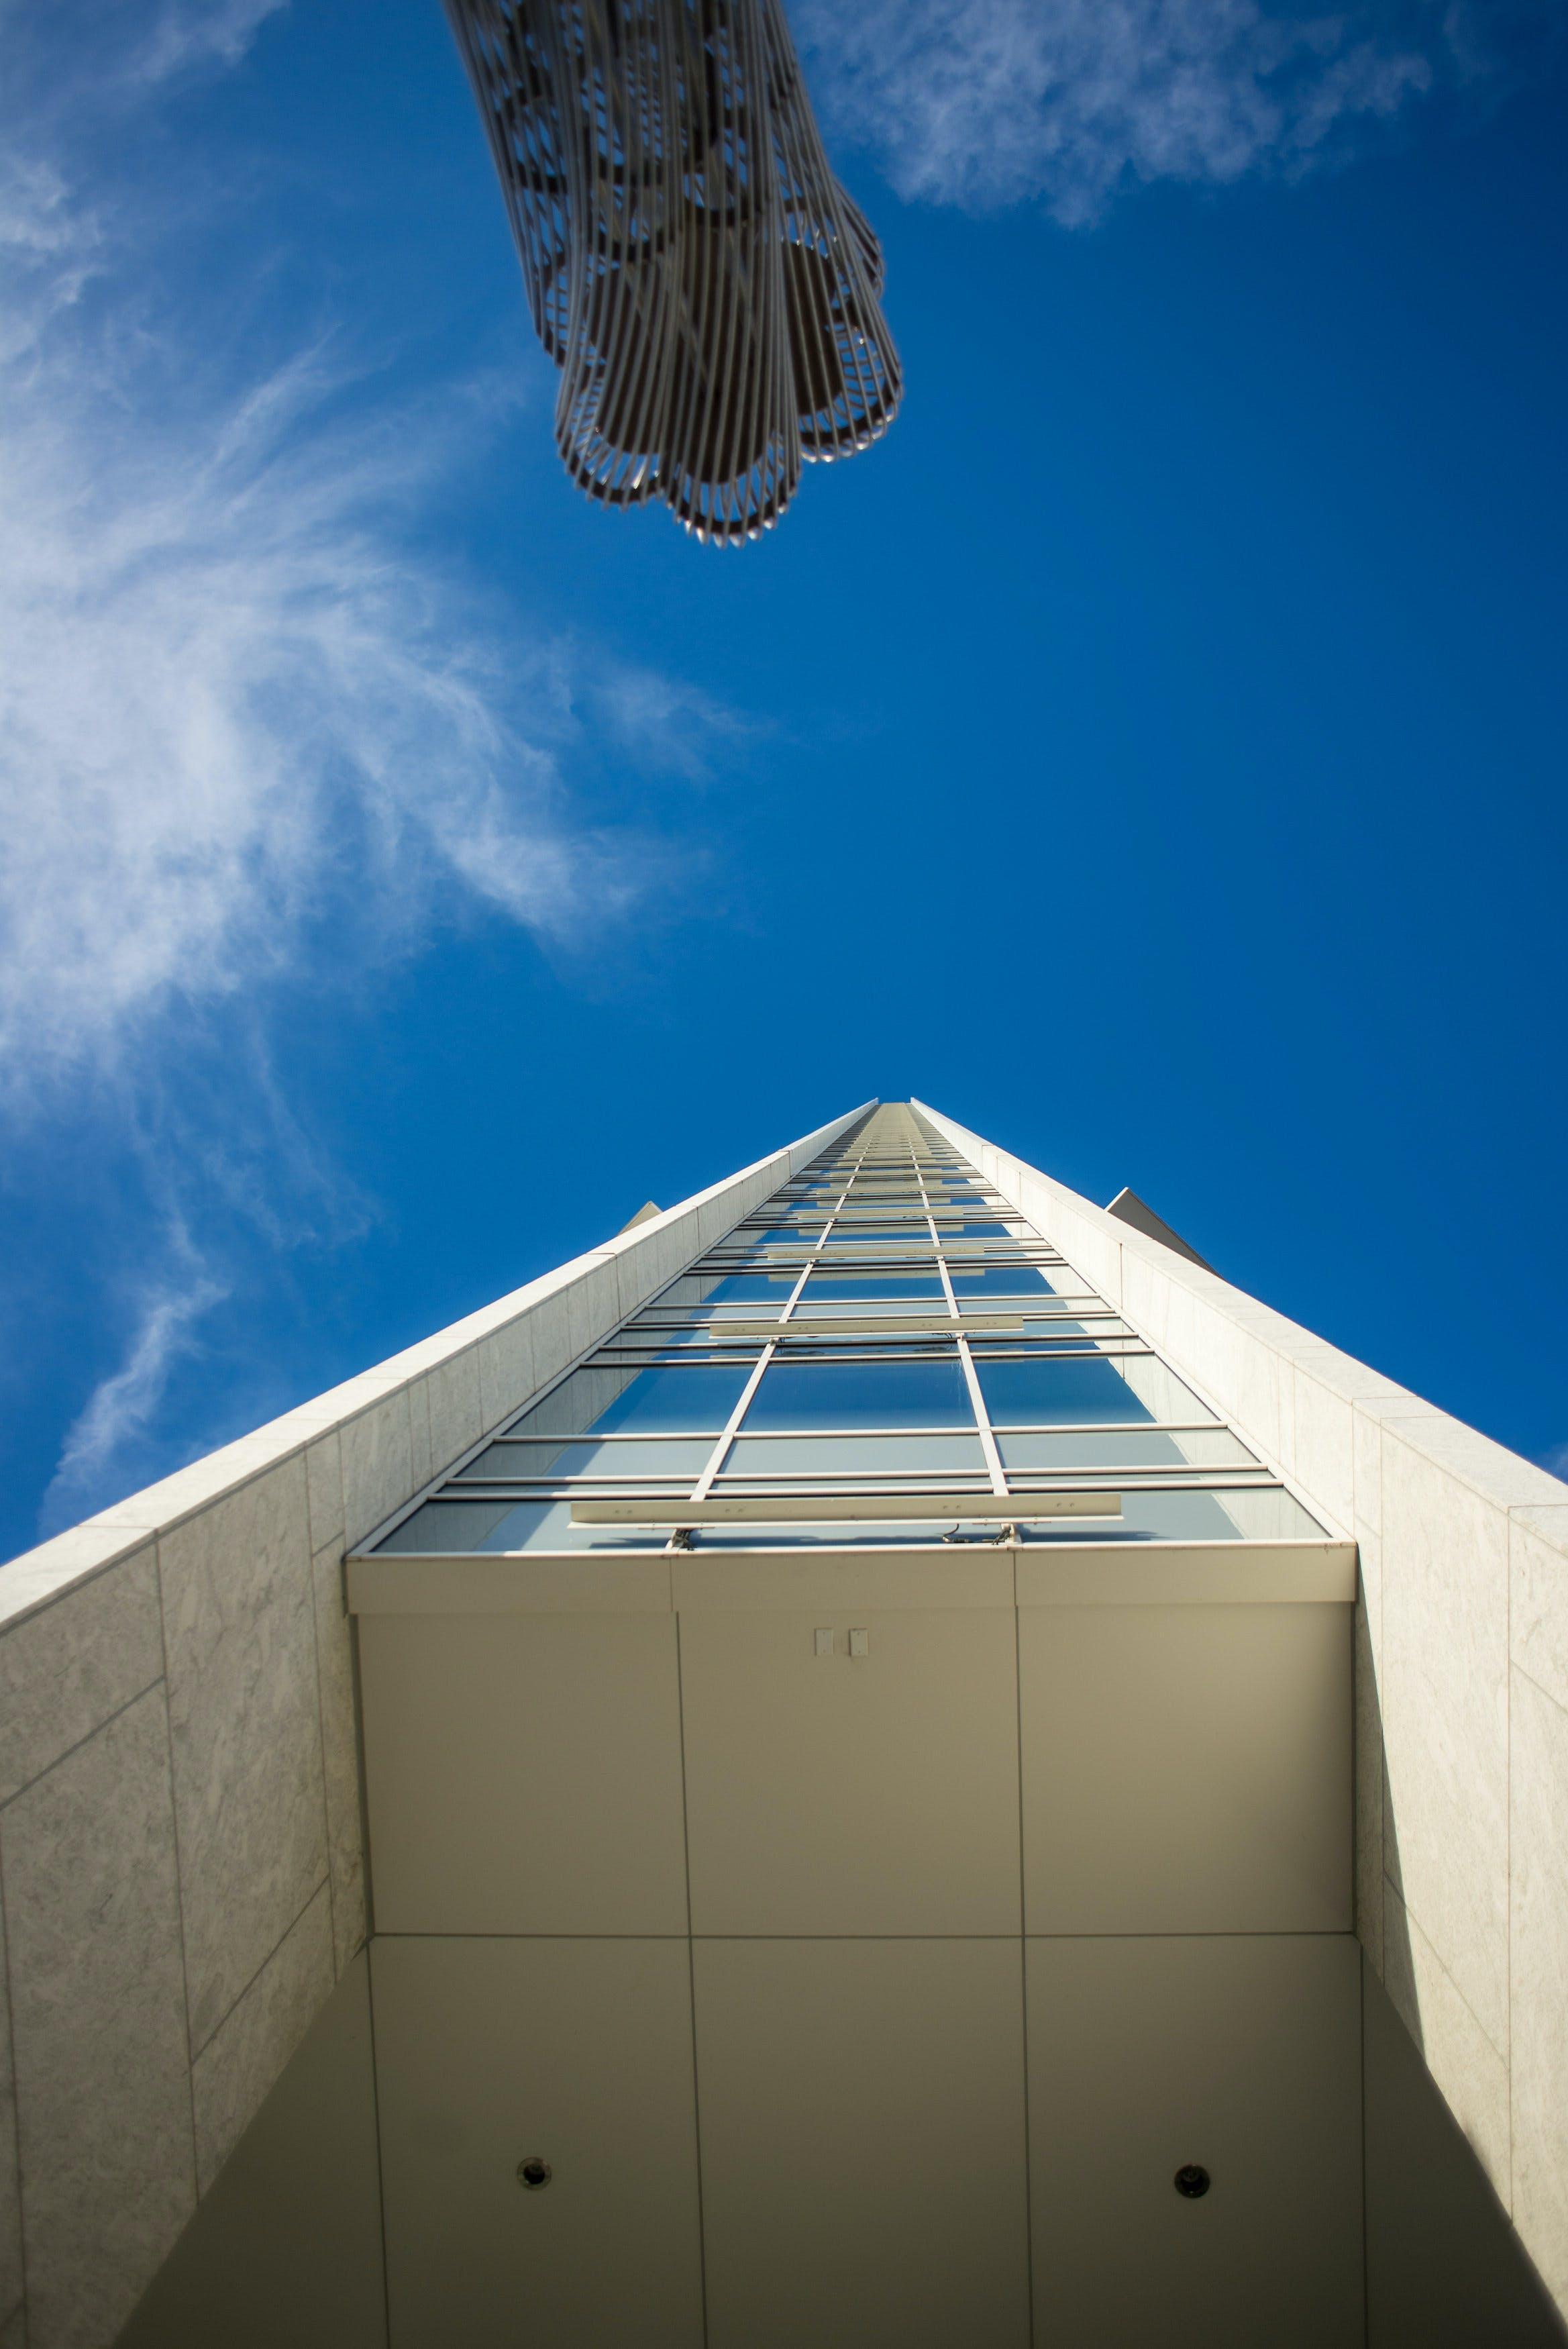 arkkitehtuuri, futuristinen, kaupunki